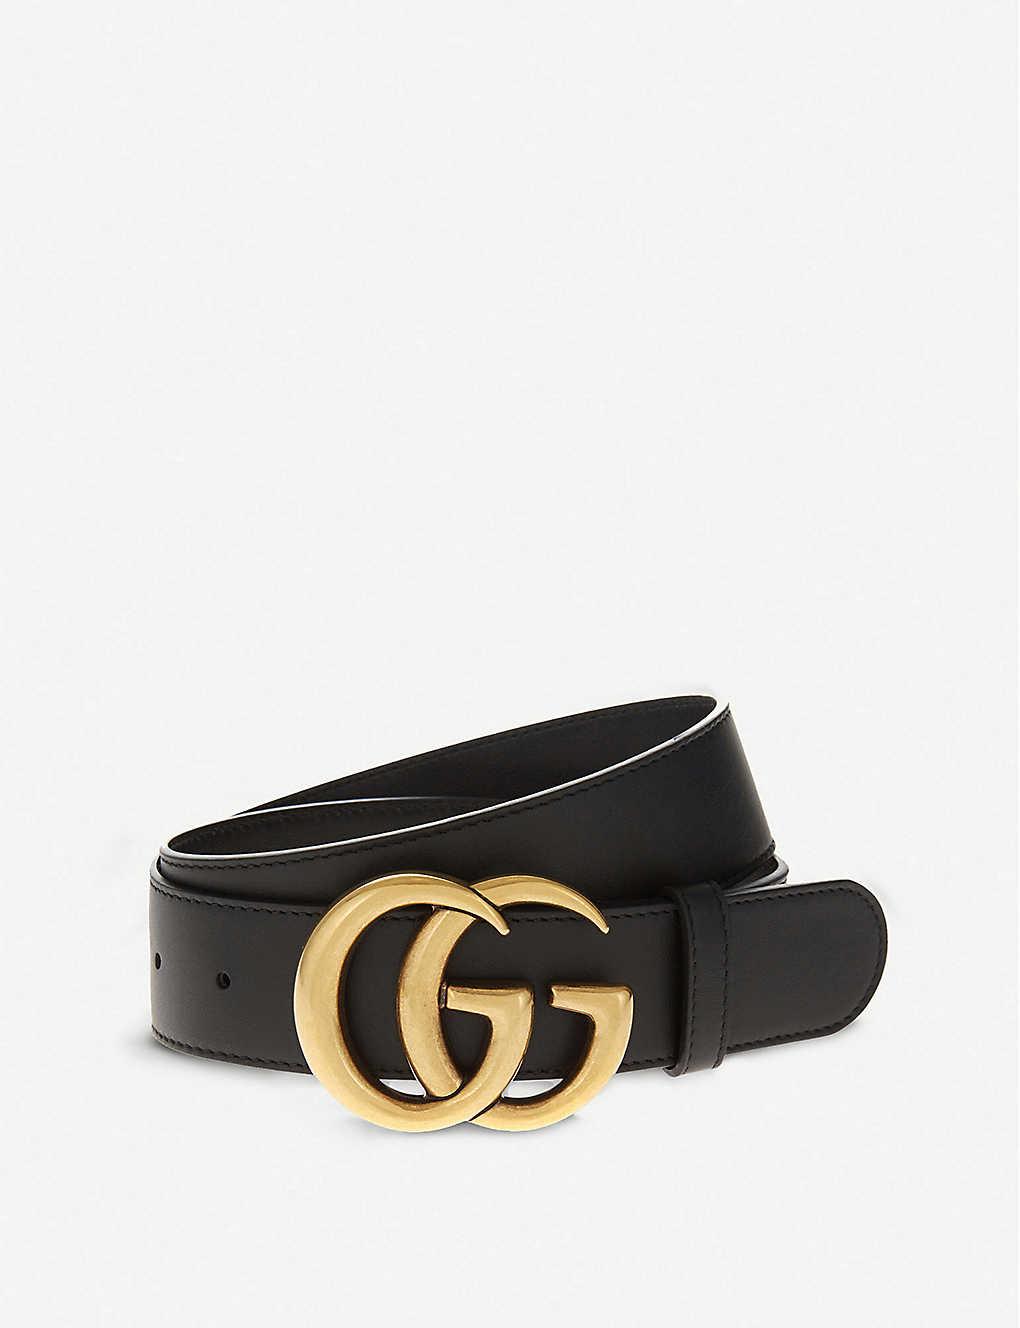 GUCCI - Double G leather belt  c557d4bd2